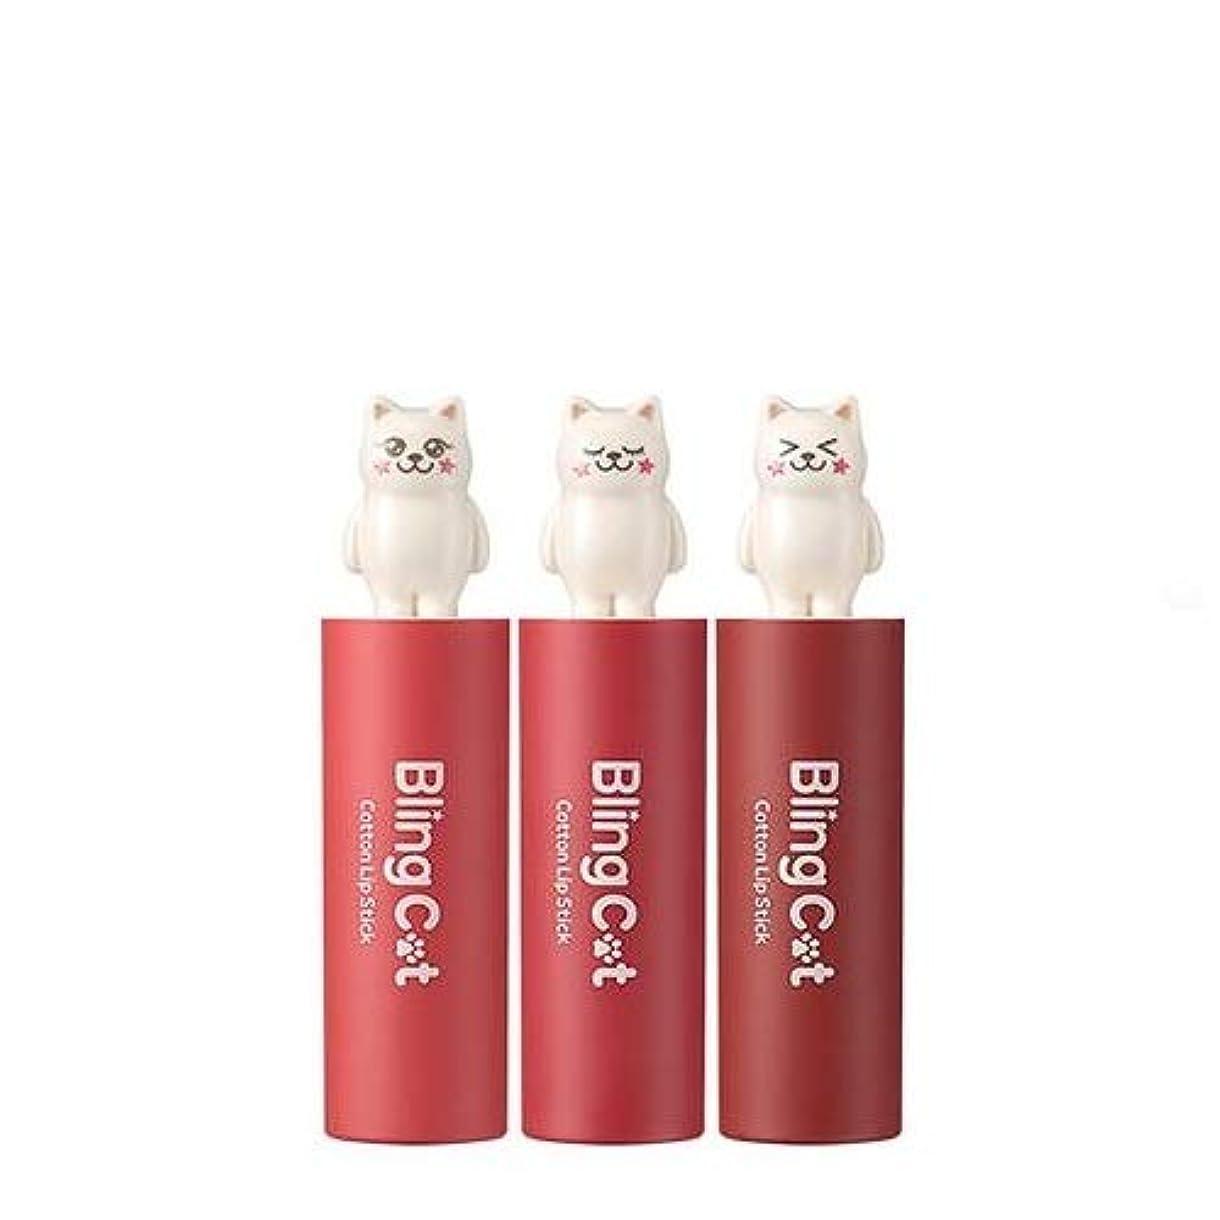 柔らかい足憲法うまくいけばトニーモリー ブリングキャット コットン リップスティック 3.4g / TONYMOLY Bling Cat Cotton Lipstick # 02. Heroine Pink [並行輸入品]